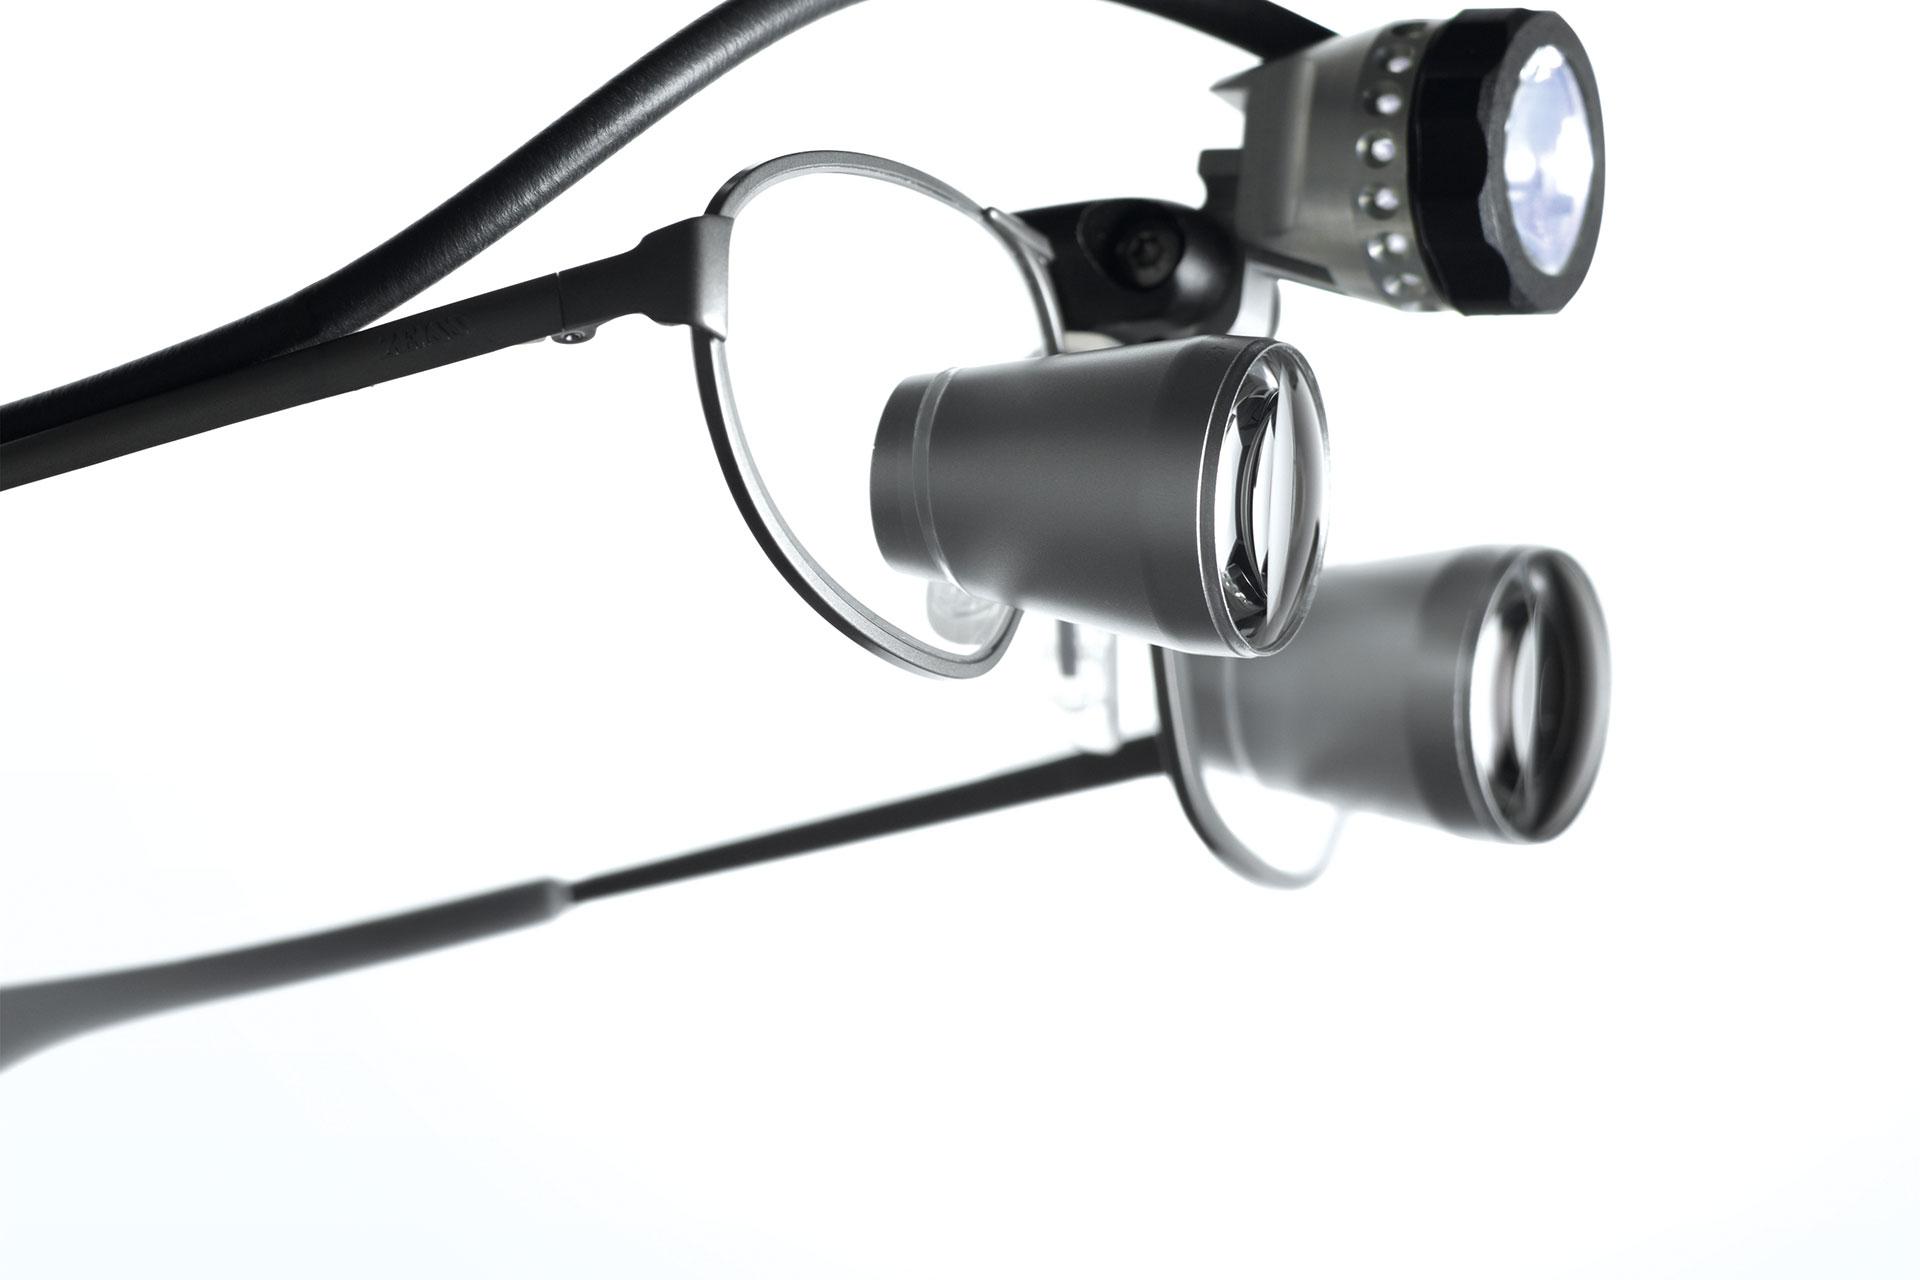 24dc6b7ae Dispositivos de visão reduzida para trabalho: Quando a melhor visão não é  suficiente